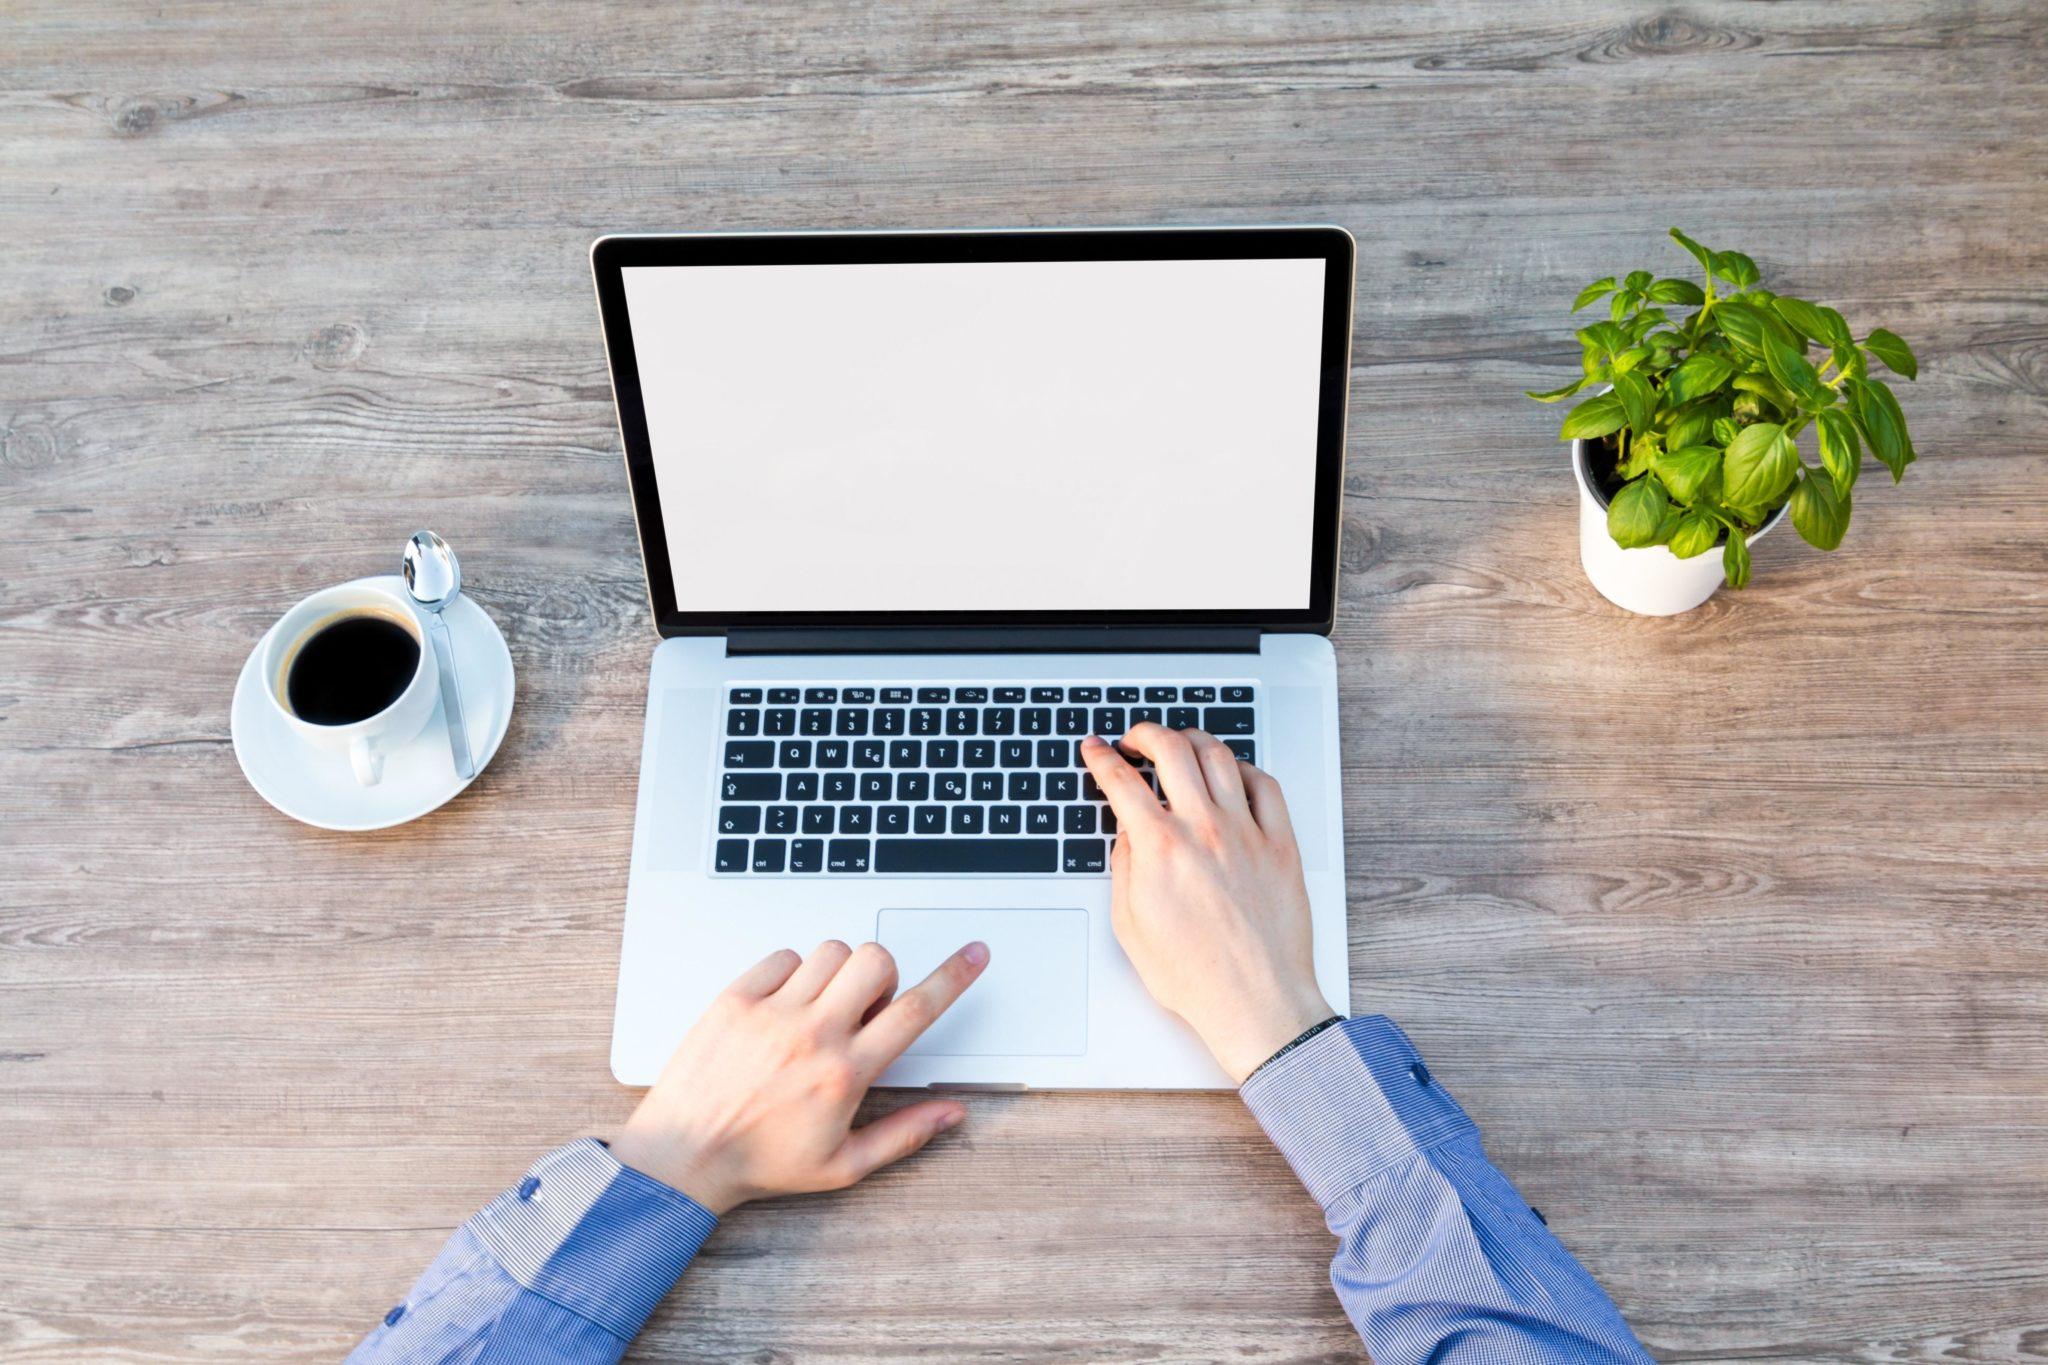 أفضل مواقع فري لانسر Freelancer لعام 2020 1